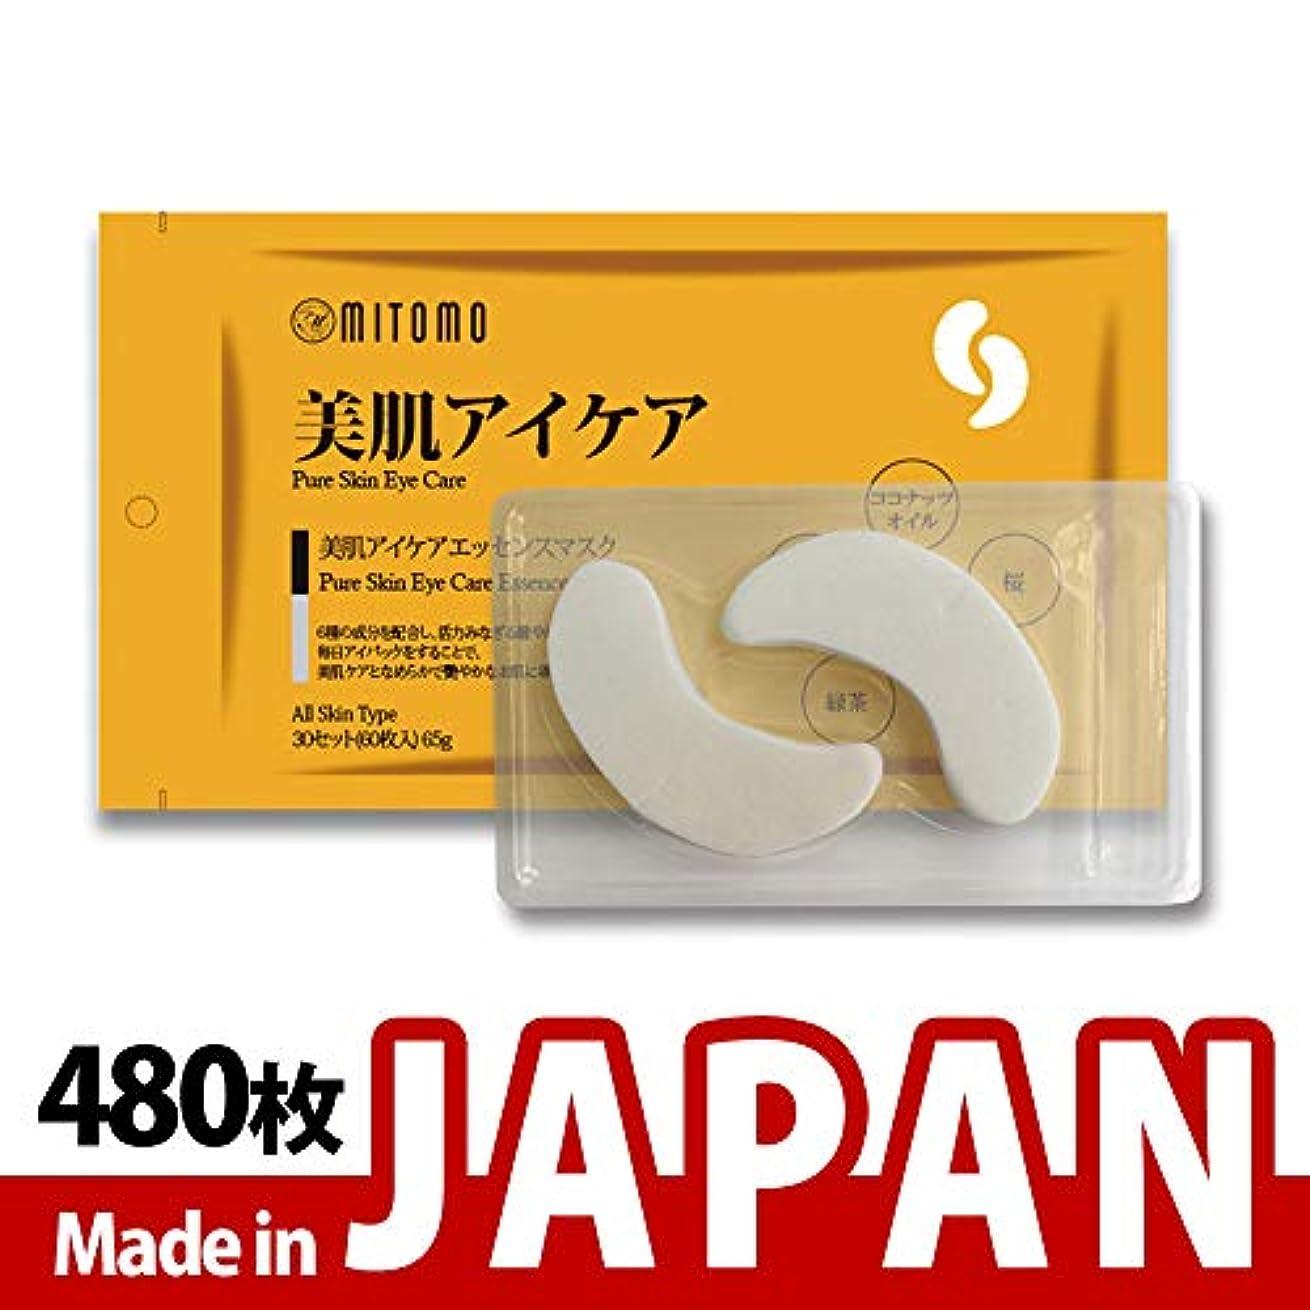 リベラルとしてヒステリックMITOMO【MC005-A-0】日本製シートマスク/60枚入り/480枚/美容液/マスクパック/送料無料